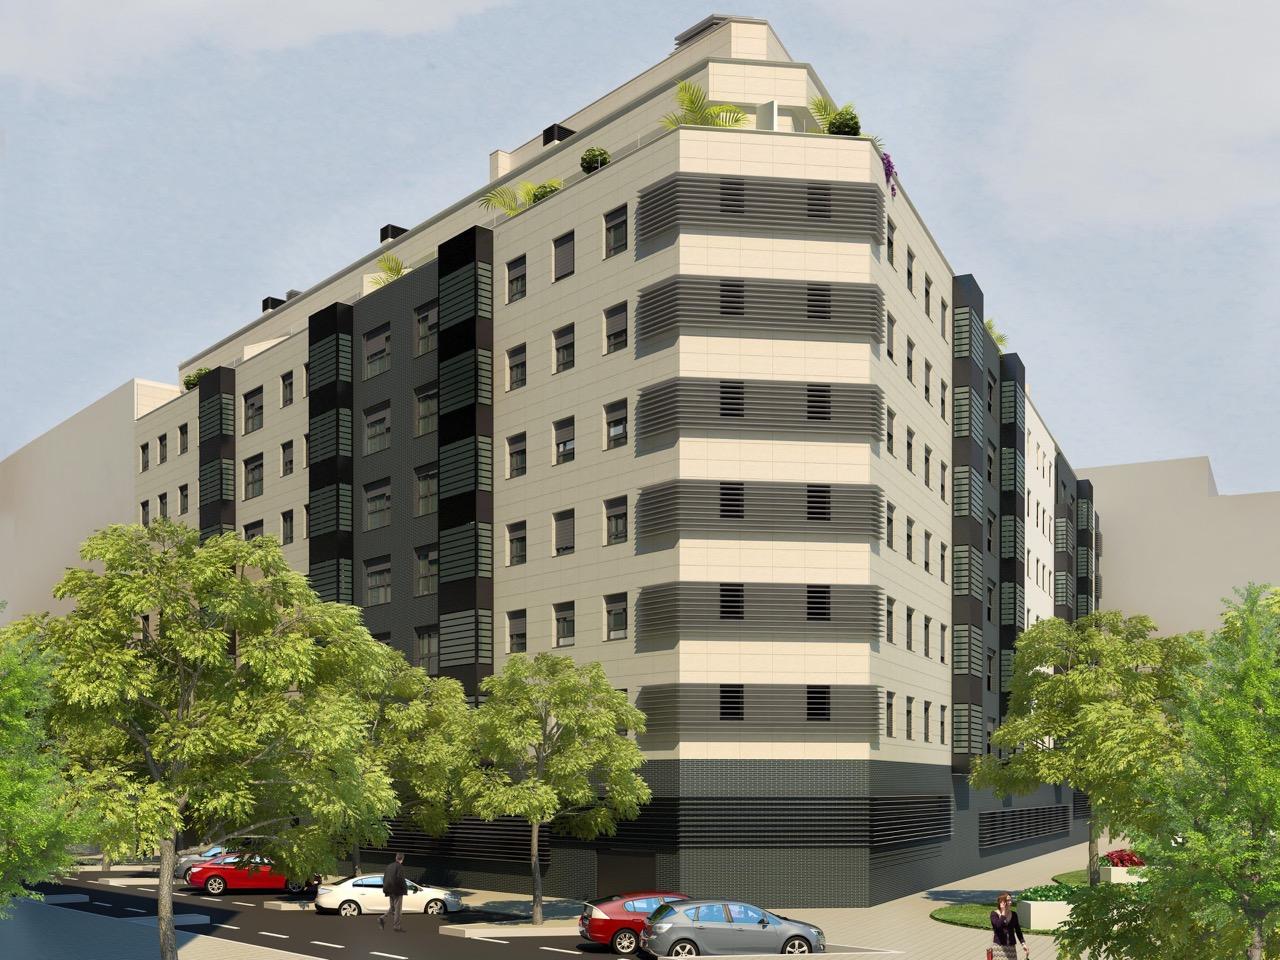 Residencial adelfas ii piso de 3 dormitorios de obra for Piso obra nueva madrid